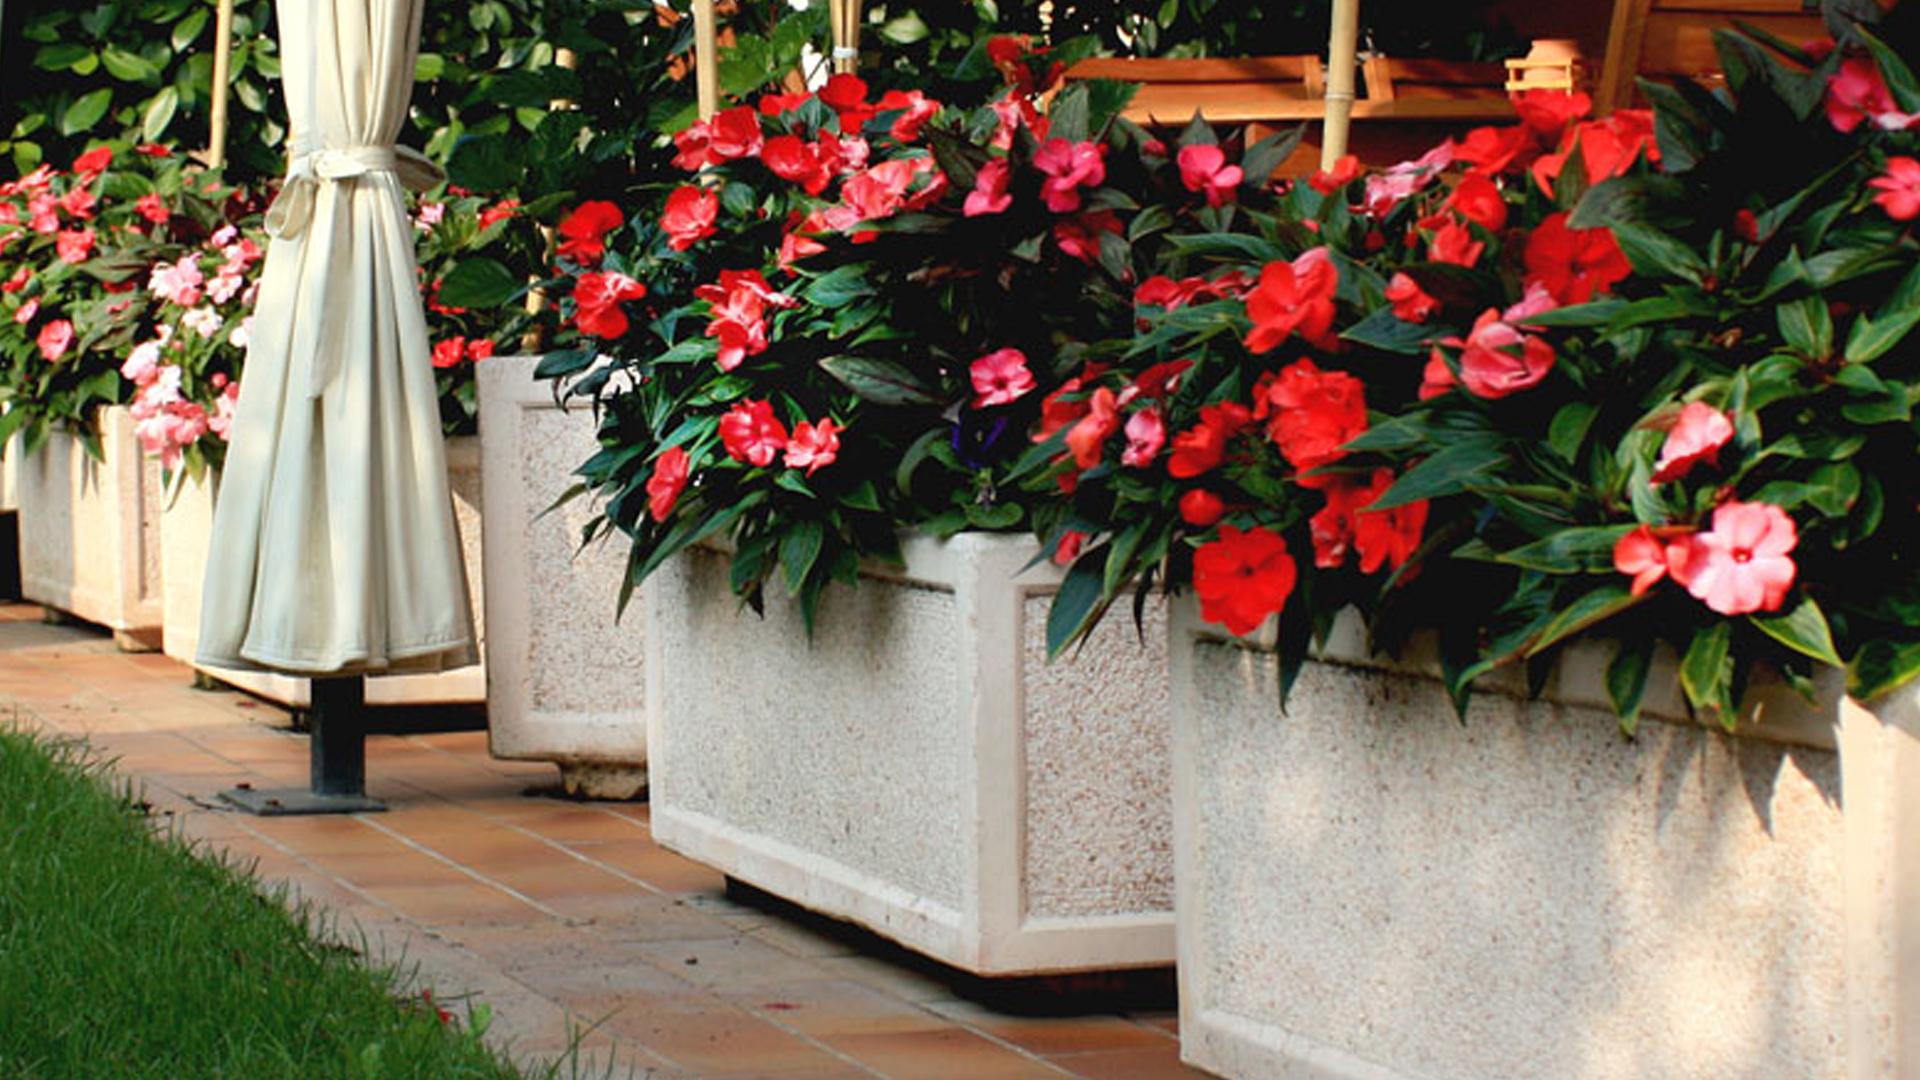 Fioriere Da Esterno In Cemento vasi in cemento e fioriere in cemento- giardinaggio- rota